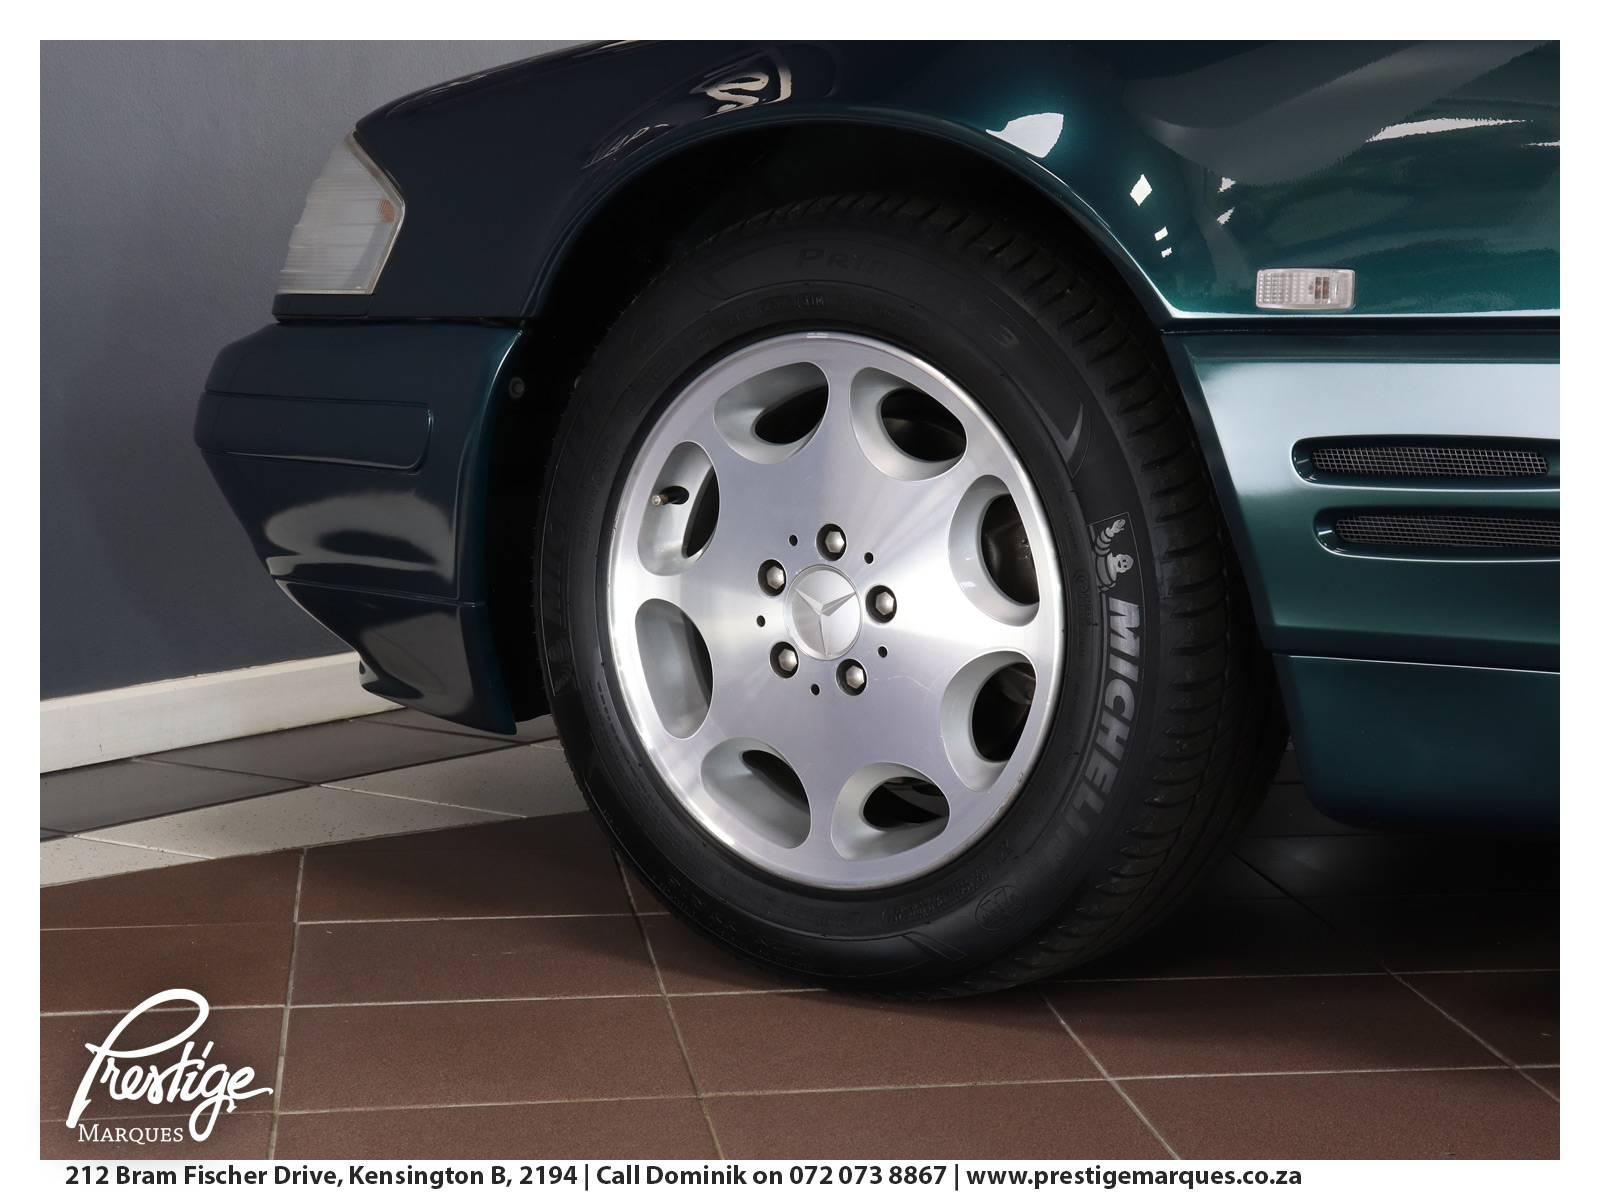 1998-Mercedes-Benz-SL-320-Prestige-Marques-Randburg-Sandton-12